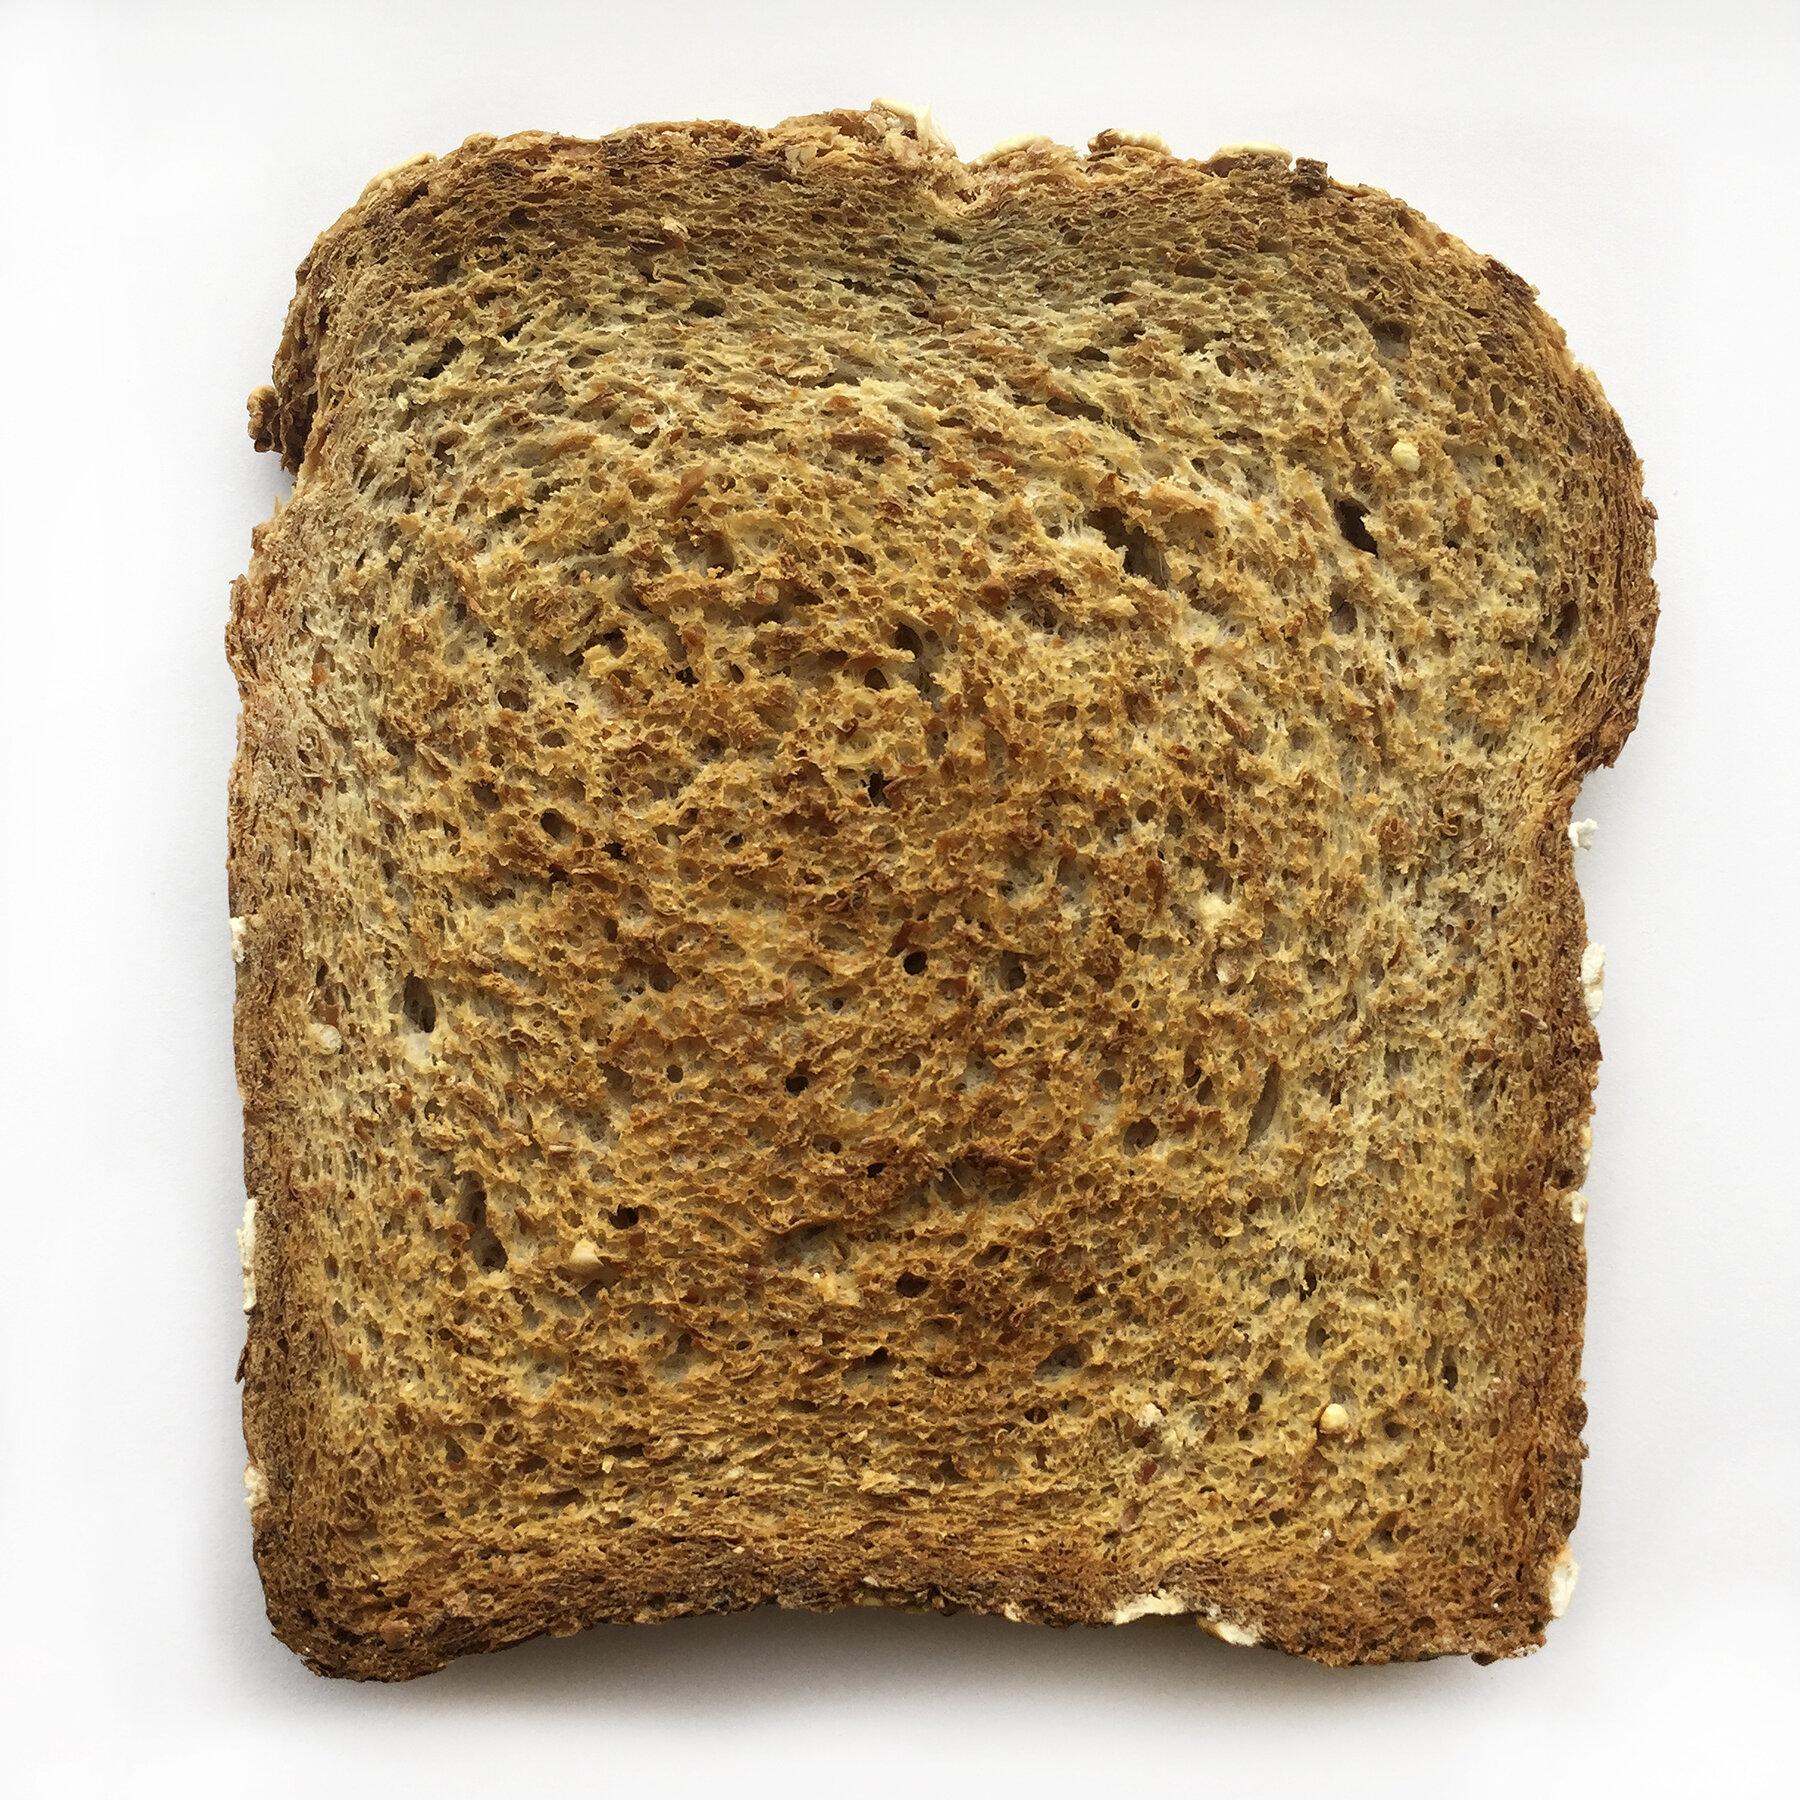 money_toast_backgroundsmaller.jpg.